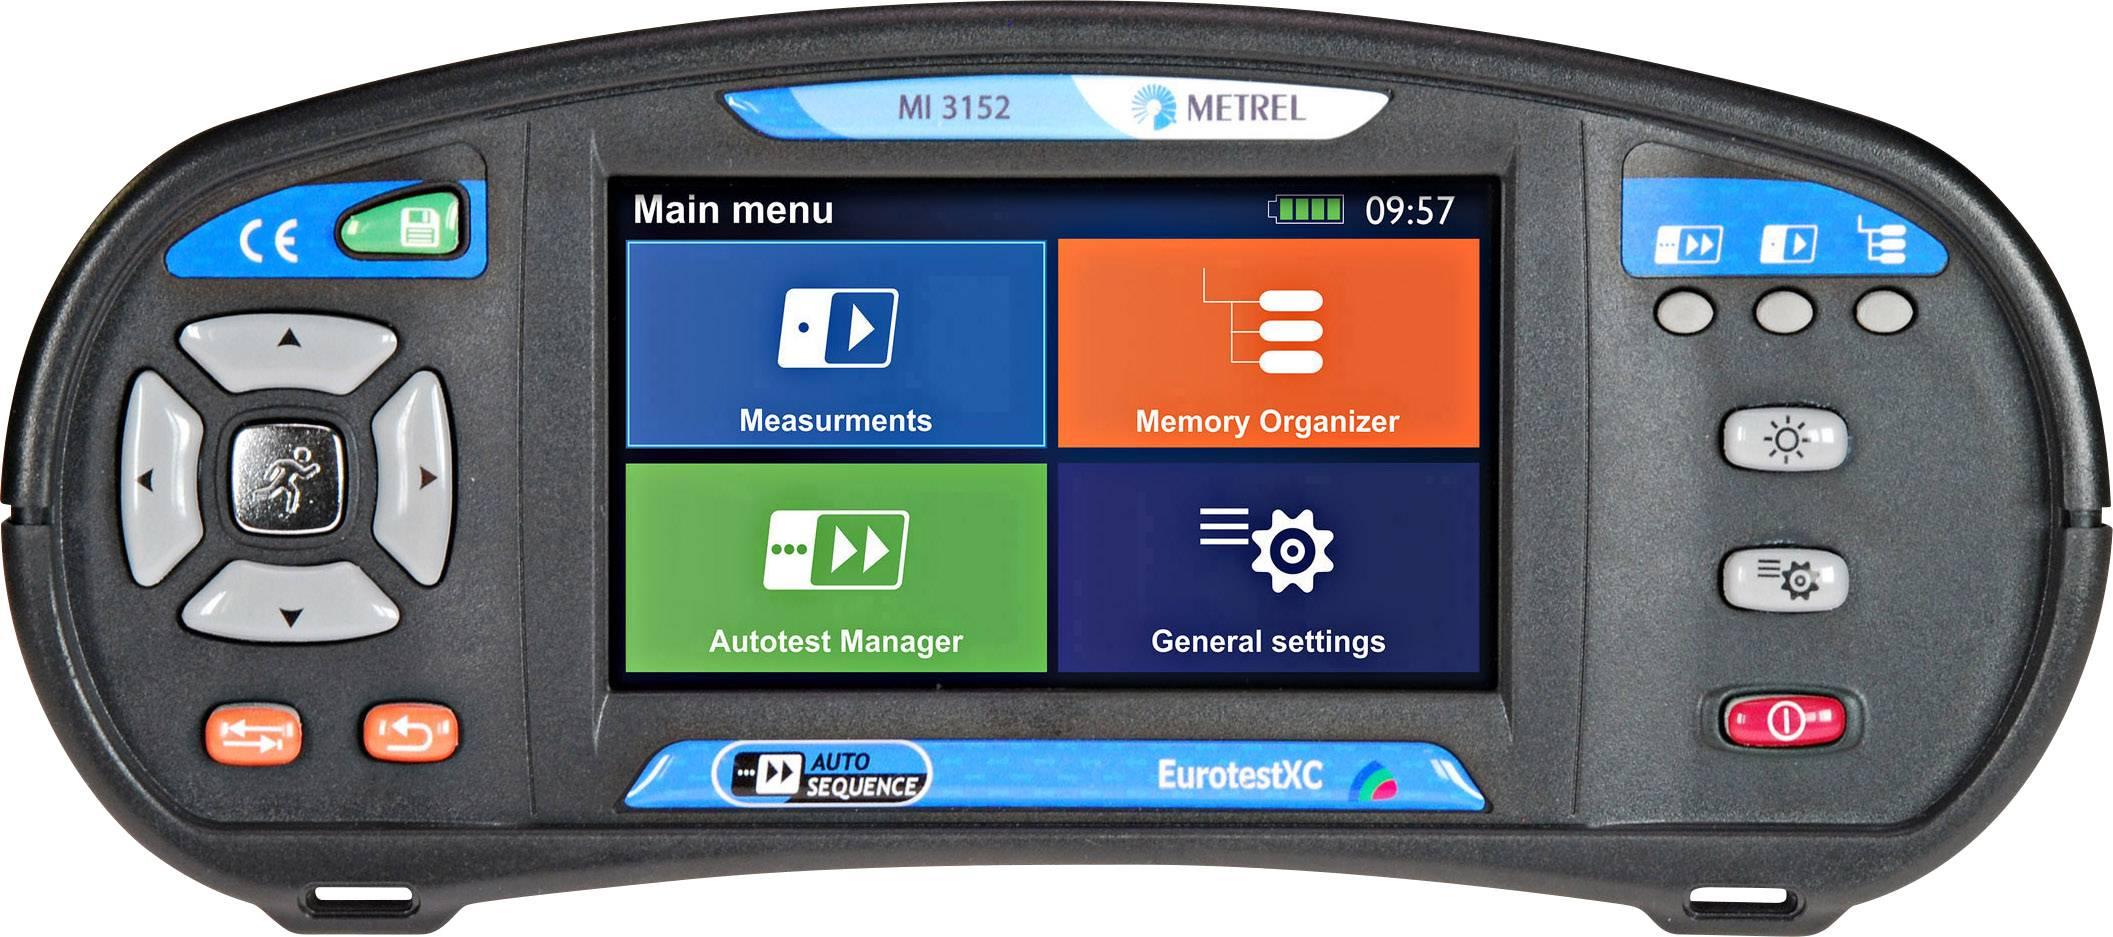 VDE tester Metrel EUROTEST XC MI 3152EU kalibrácia podľa ISO